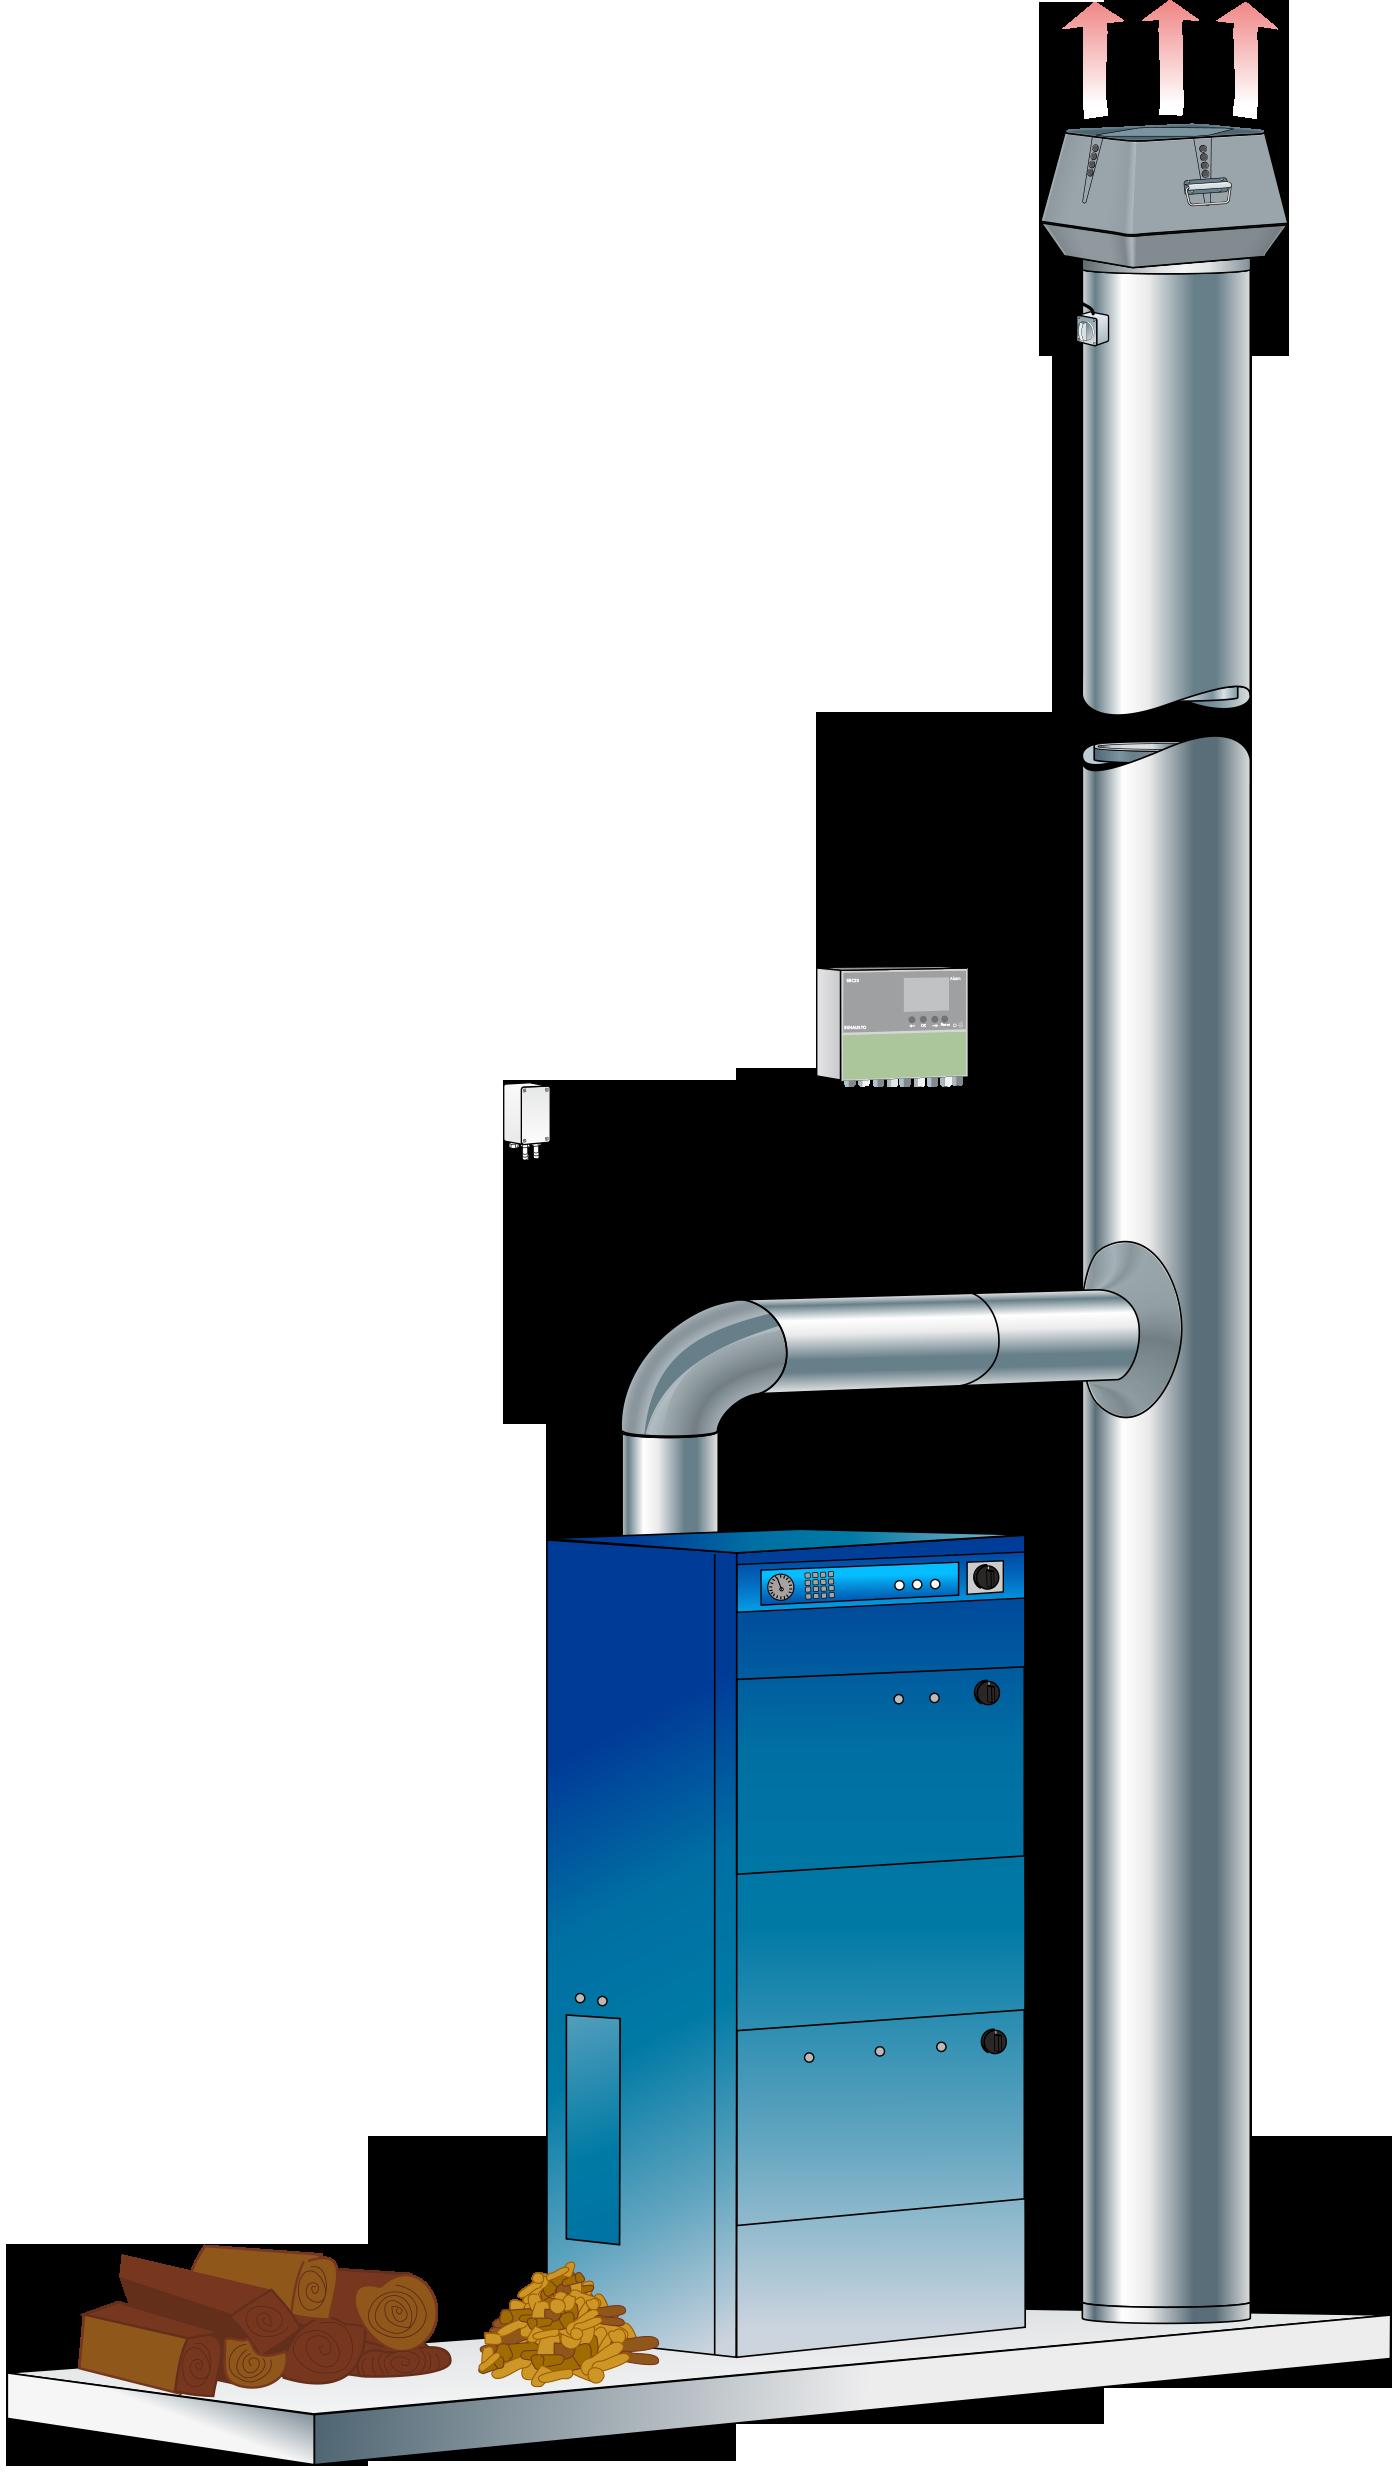 røgsugersystem til biobrændselsfyr